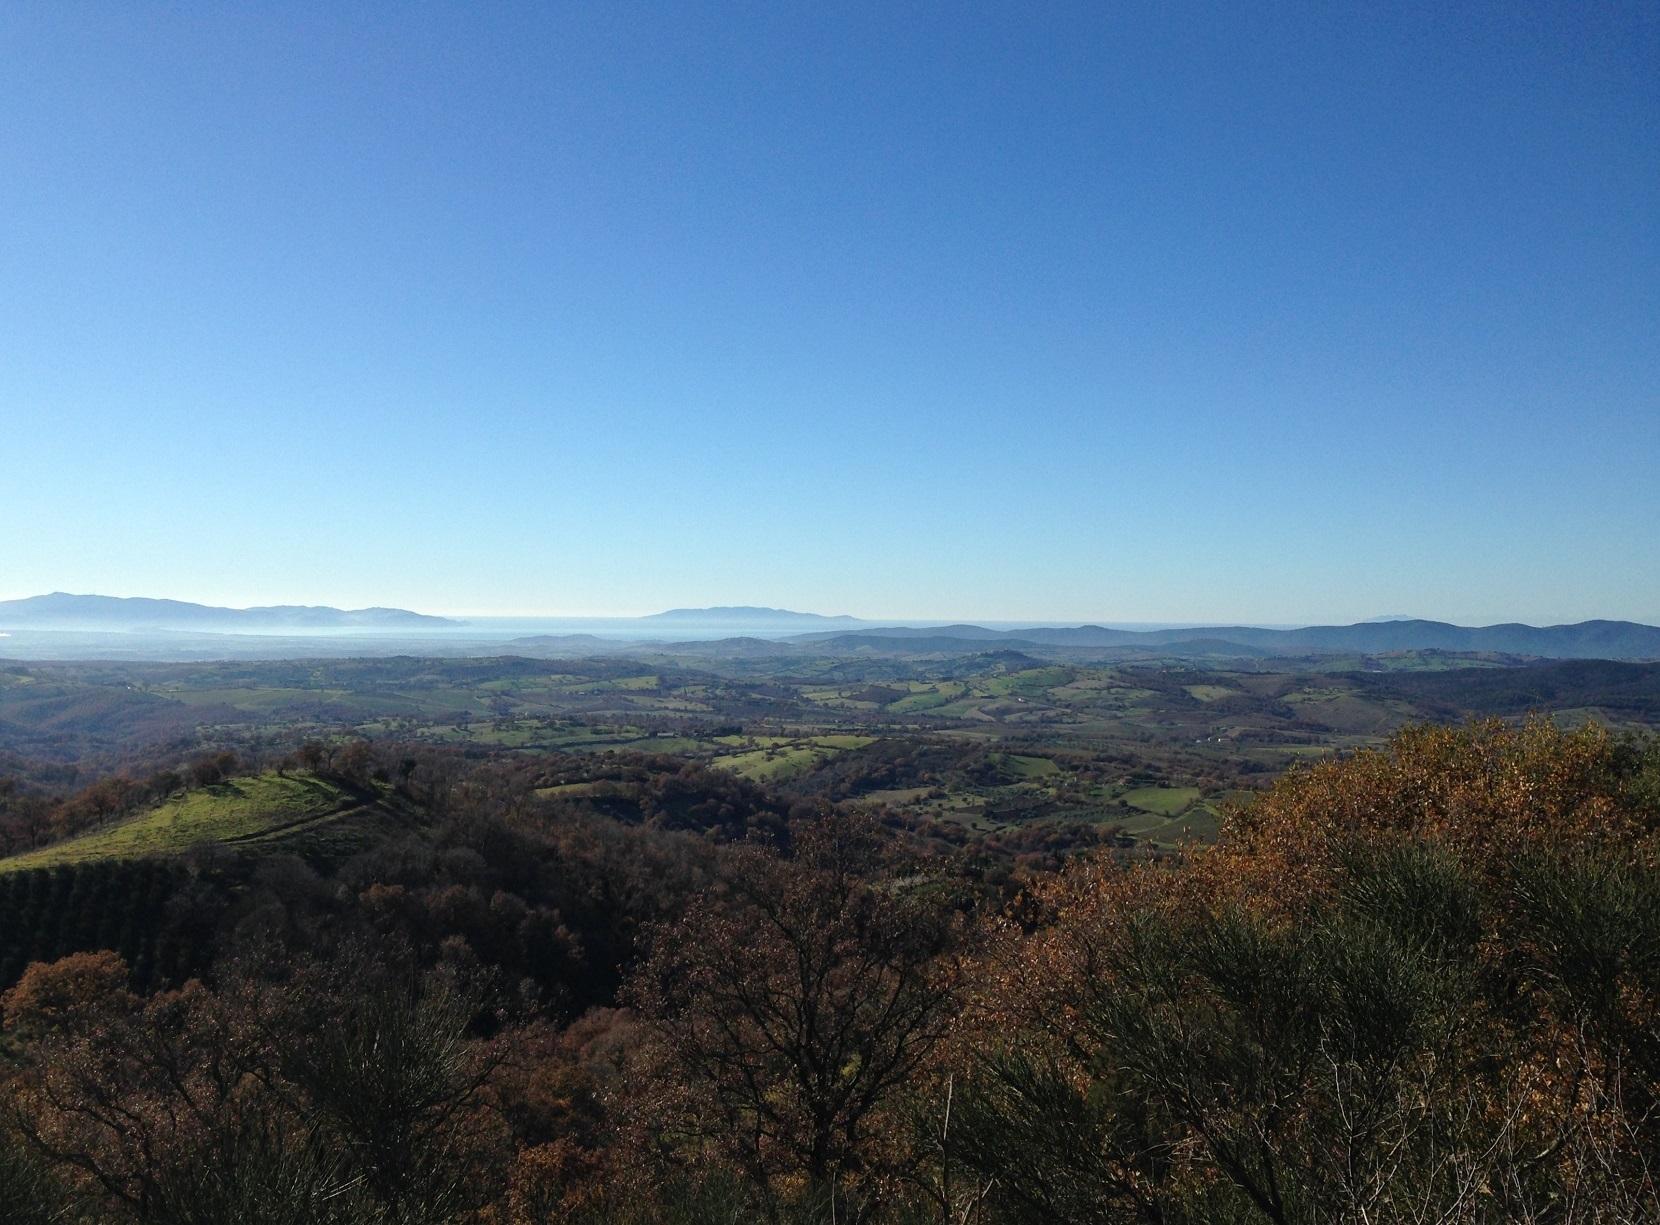 Blick von Scansano über die Hügel aufs Meer - Giglio